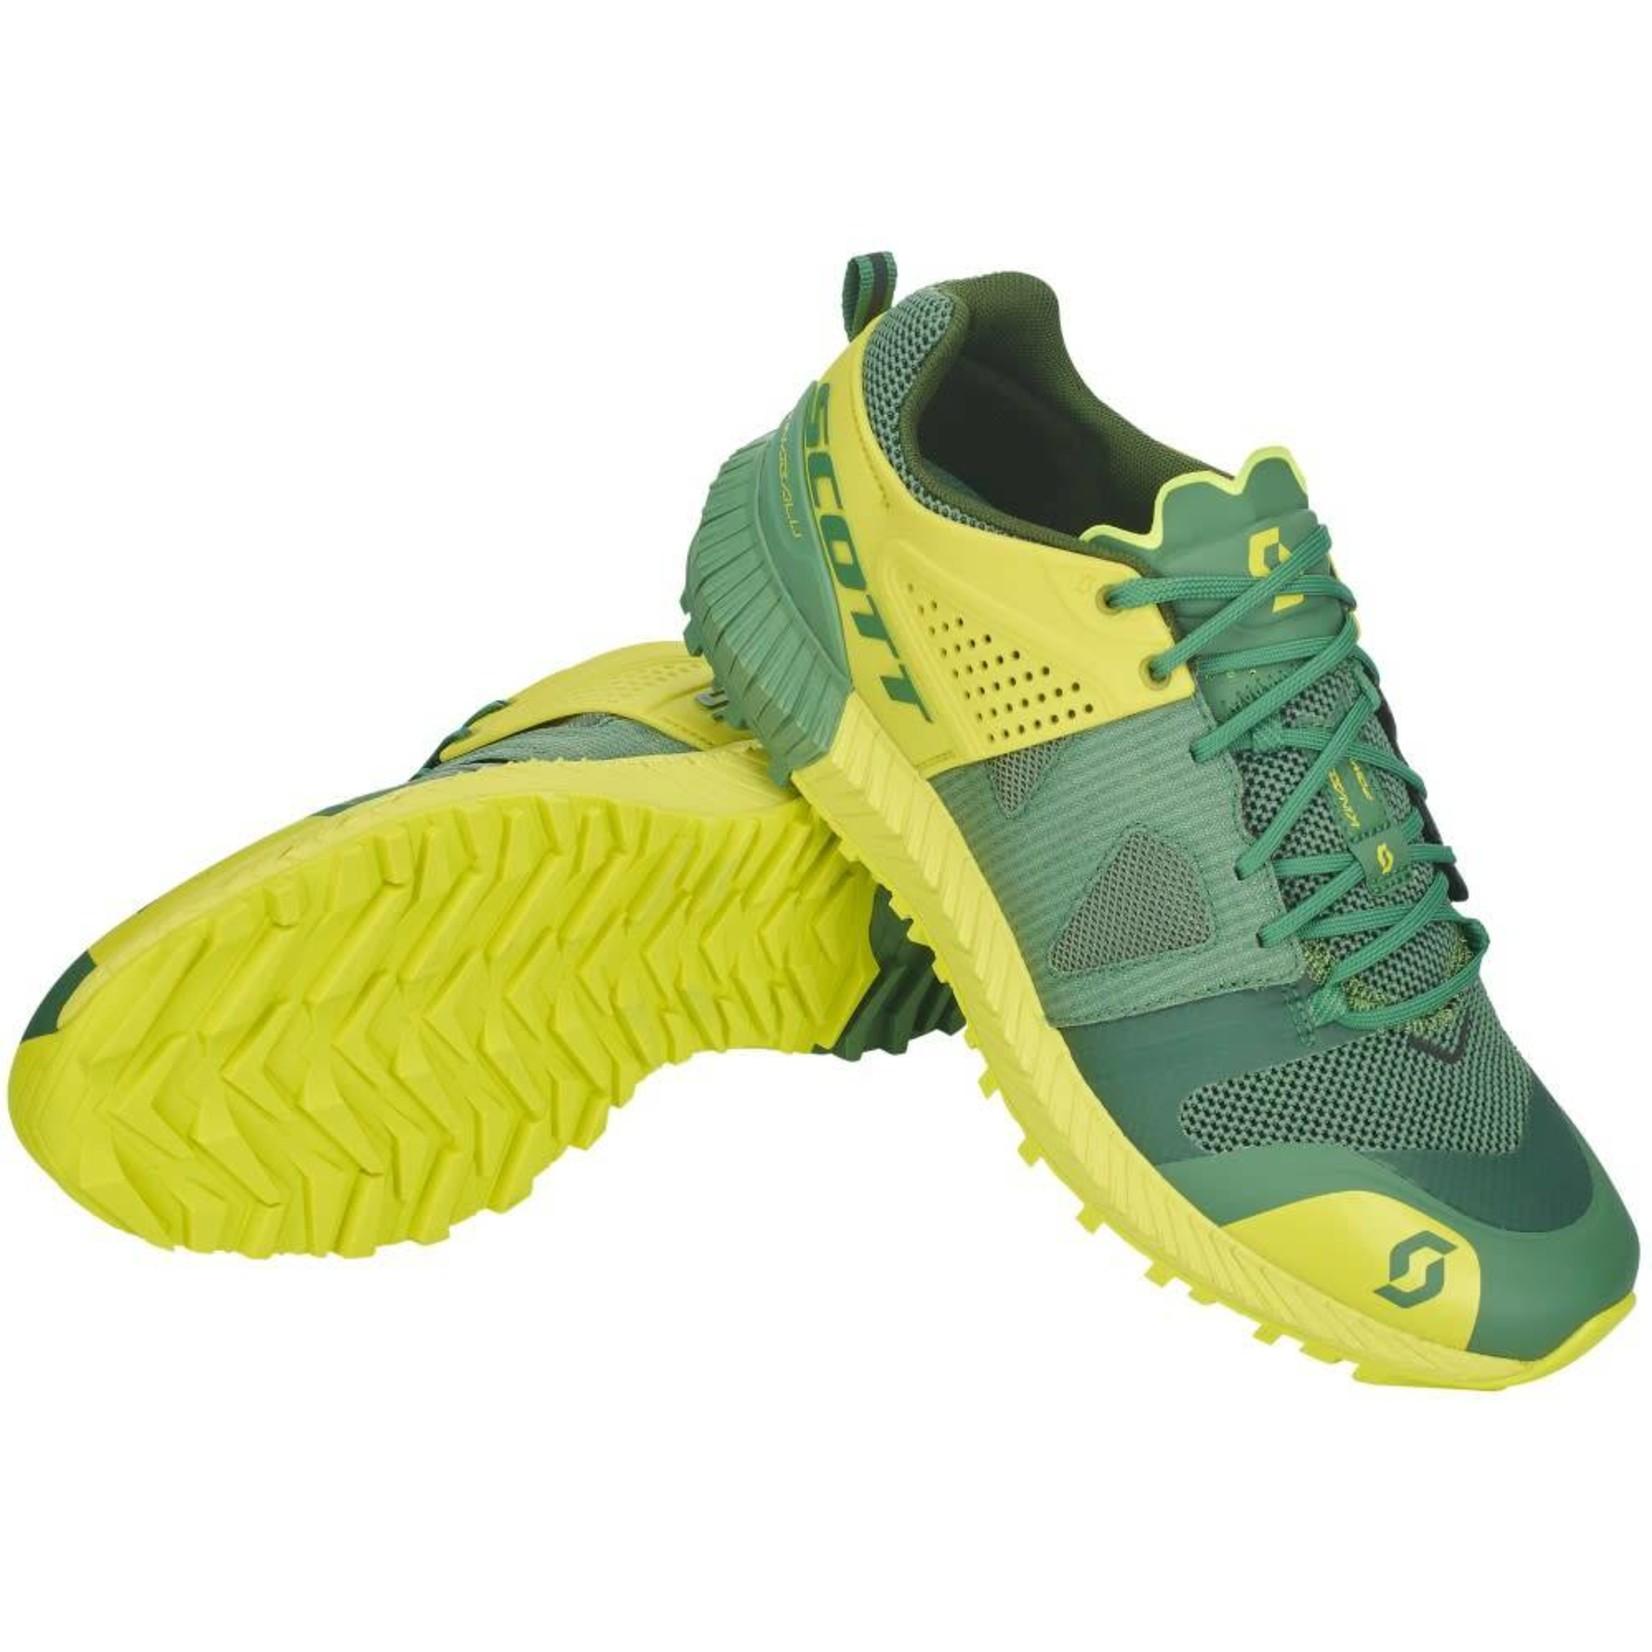 Scott Chaussures Scott Kinabalu Power - Hommes